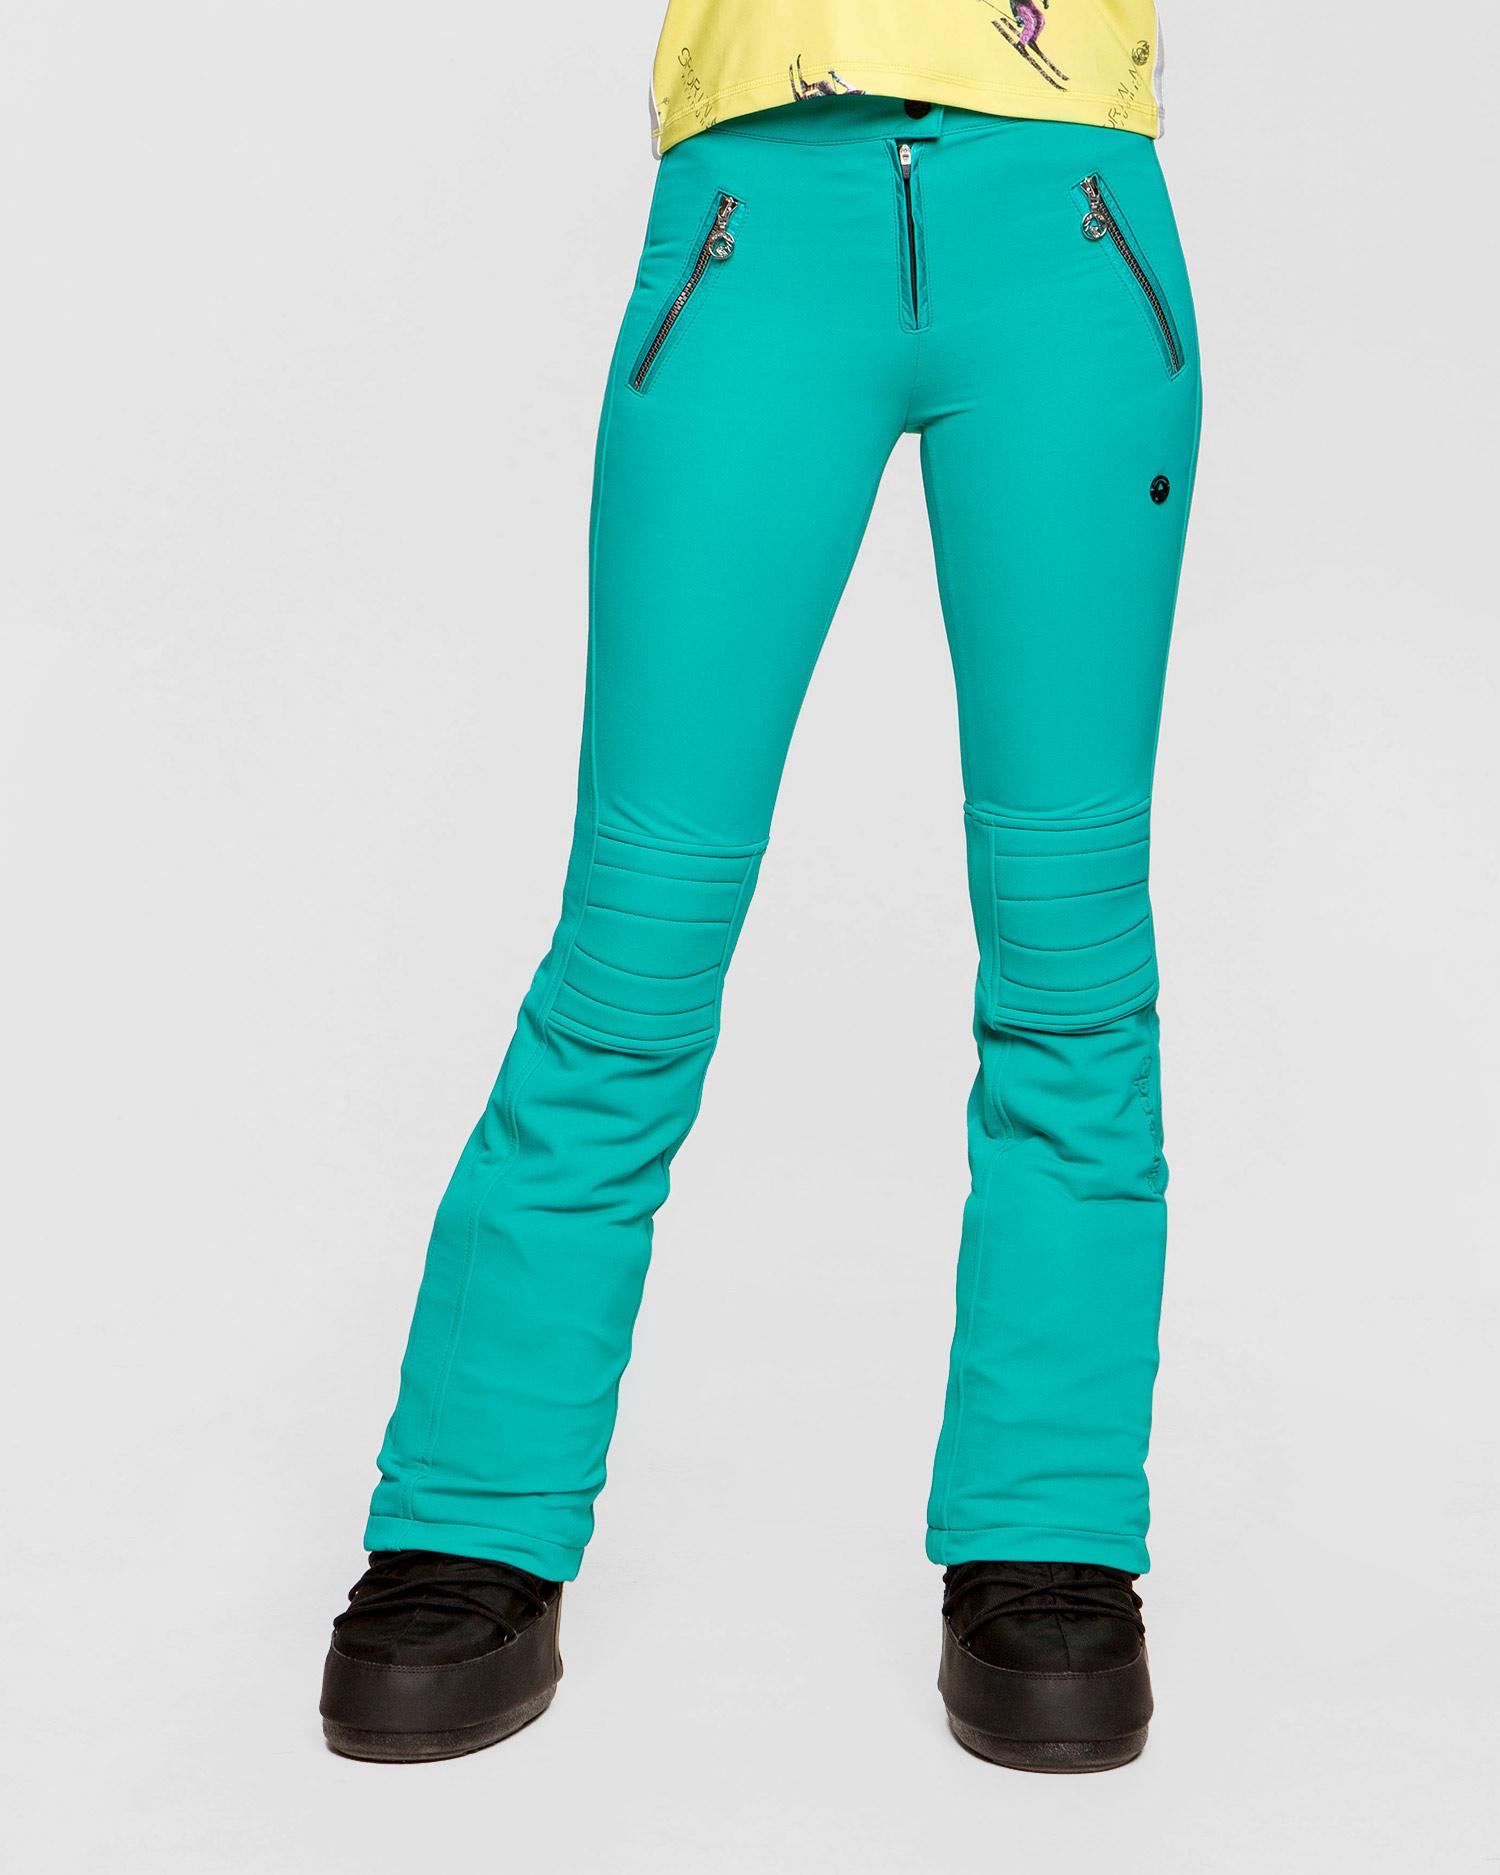 Spodnie narciarskie SPORTALM LOONIA | S'portofino